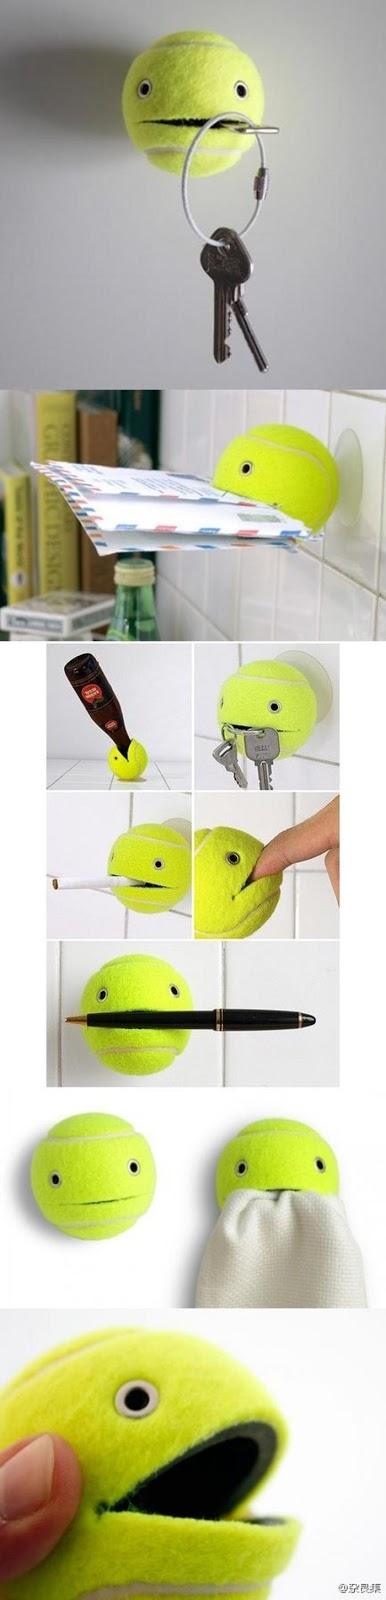 Tenis Topunun Fonksiyonel Kullanımı